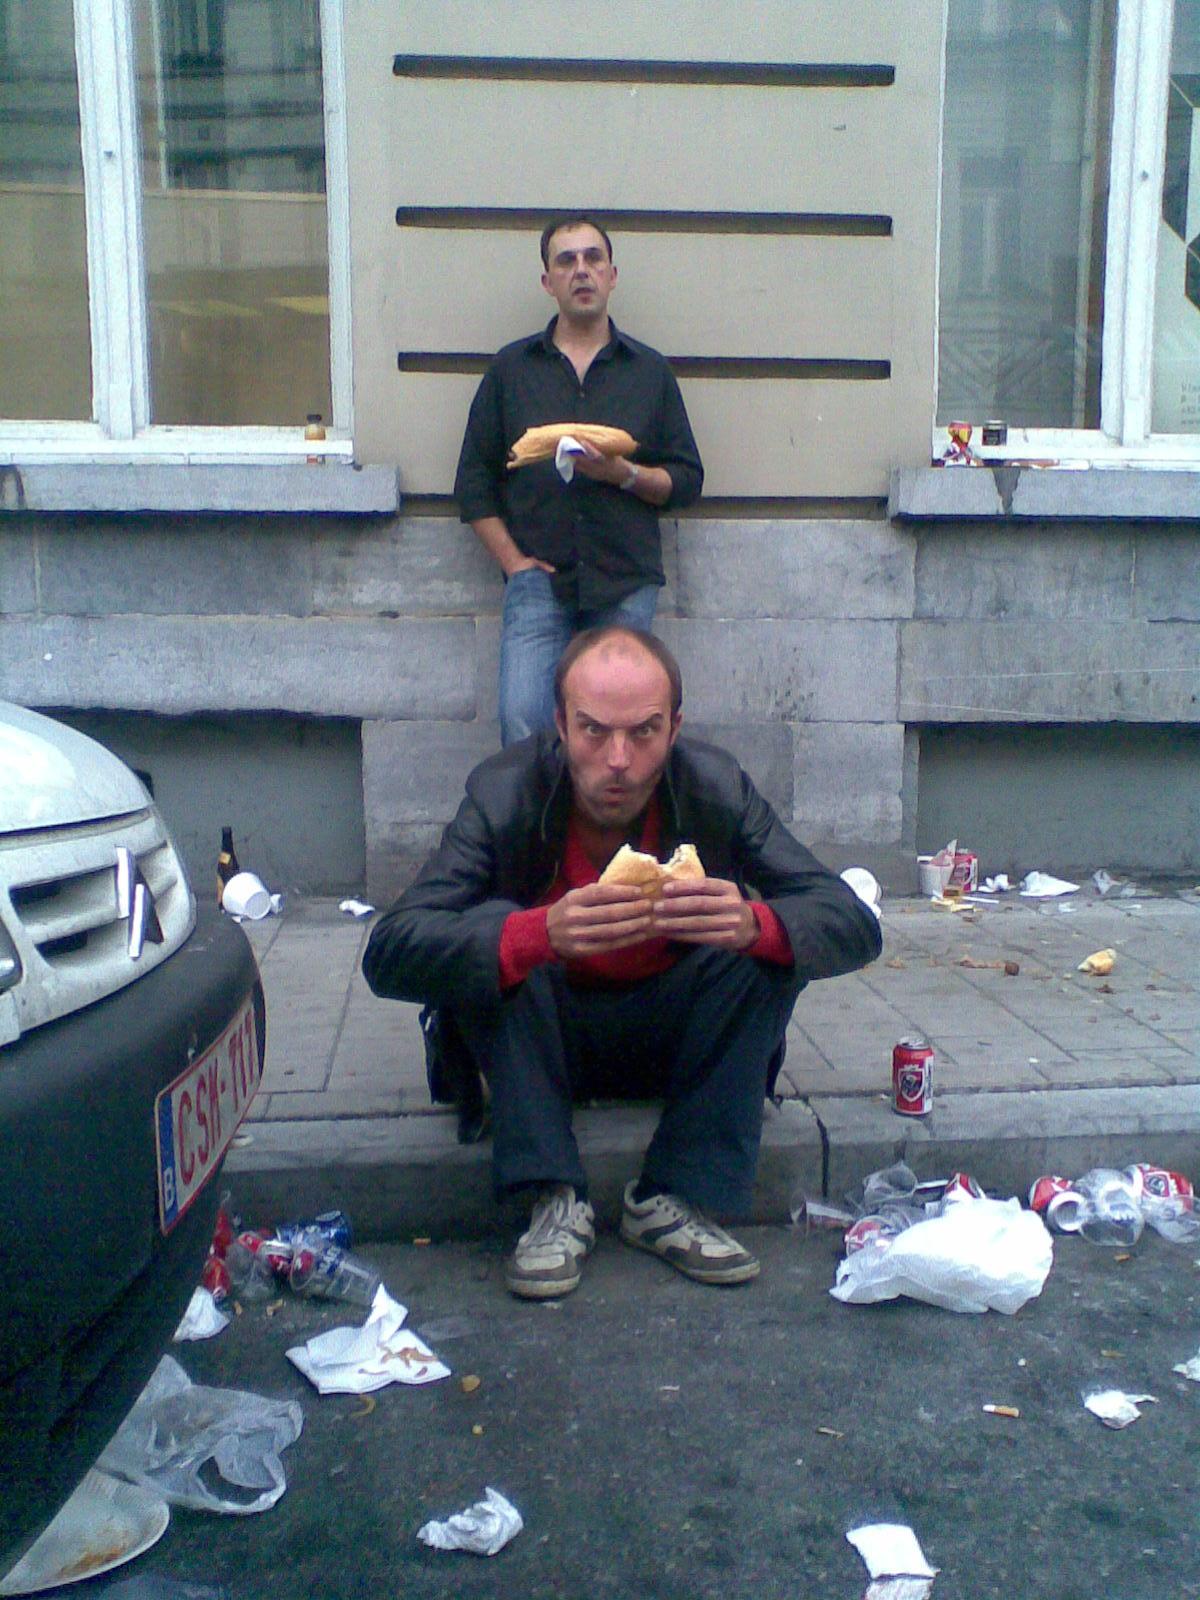 Jan Vandecasteele, zanger van de Gentse band Kartasan, wordt belaagd door een paparazzo als hij een broodje vettigheid door zijn molen draait.